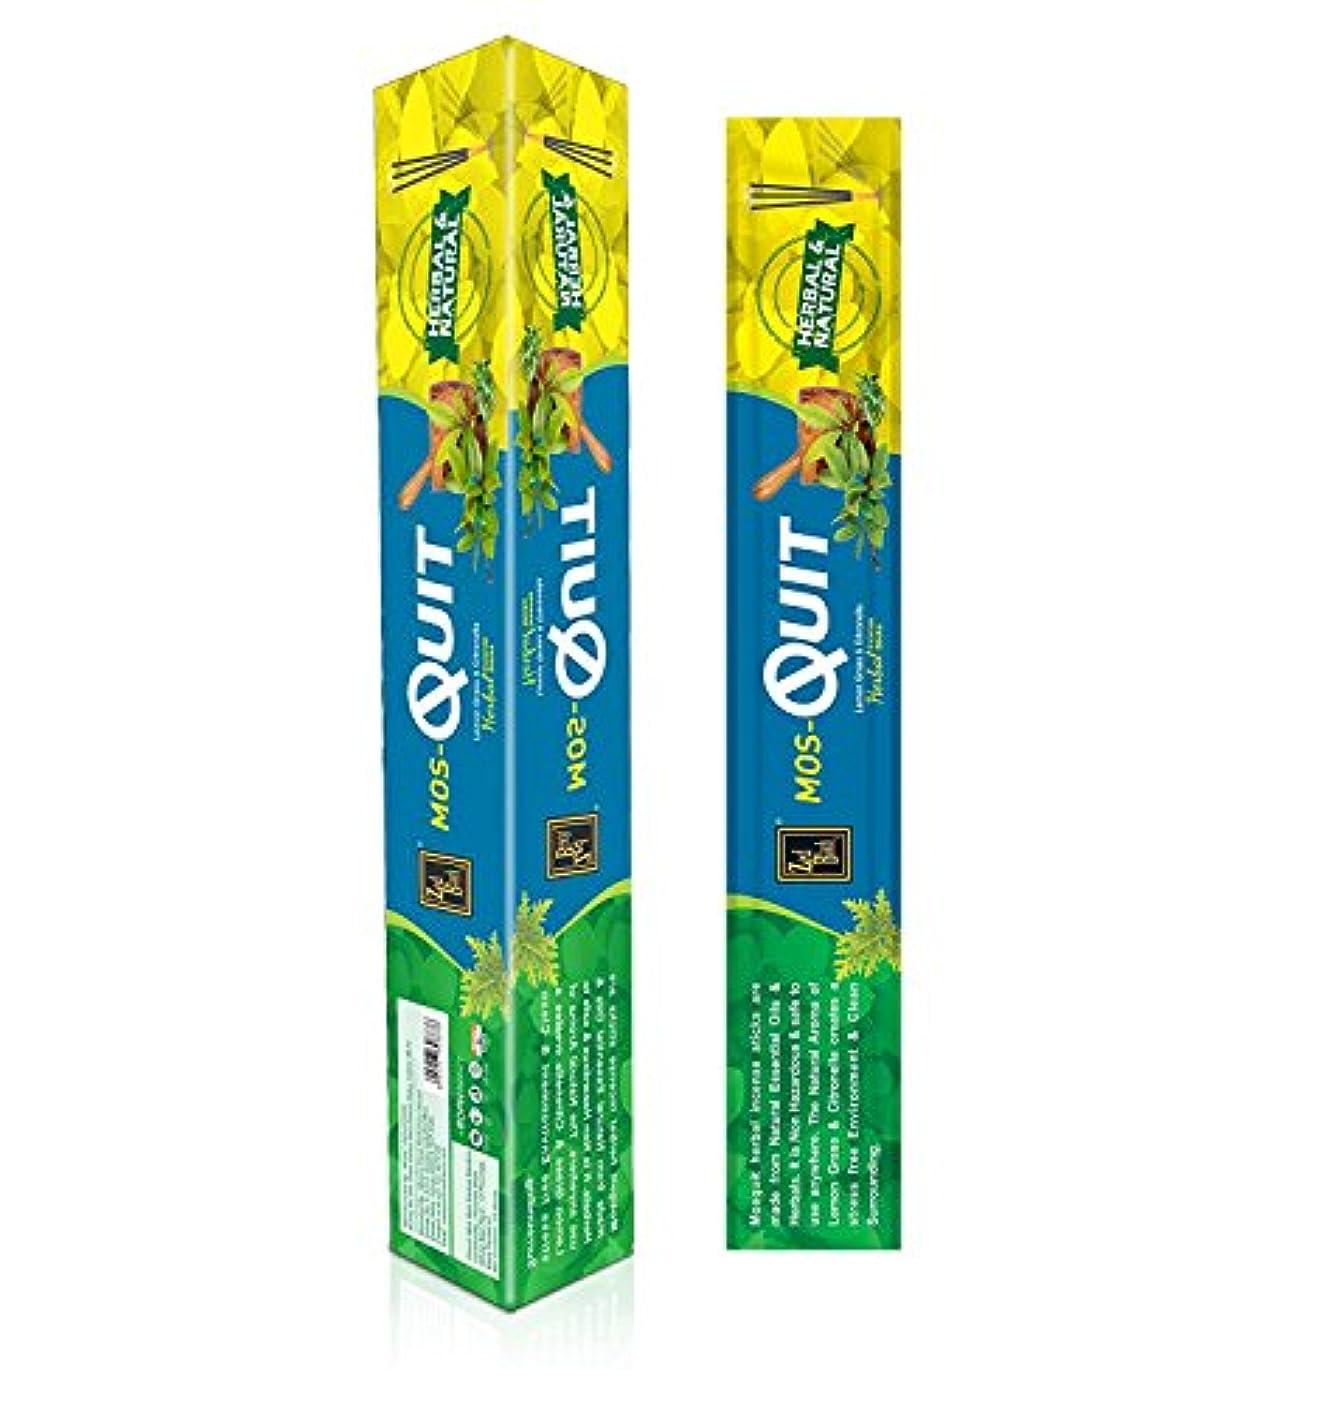 二年生クロールしたがってMosquit Incense Sticks – 120ハーブスティック – Mosquito Repellent自然な香りSticks – 効果的な& worthy-madeから天然エッセンシャルオイル、ハーブ製品 –...